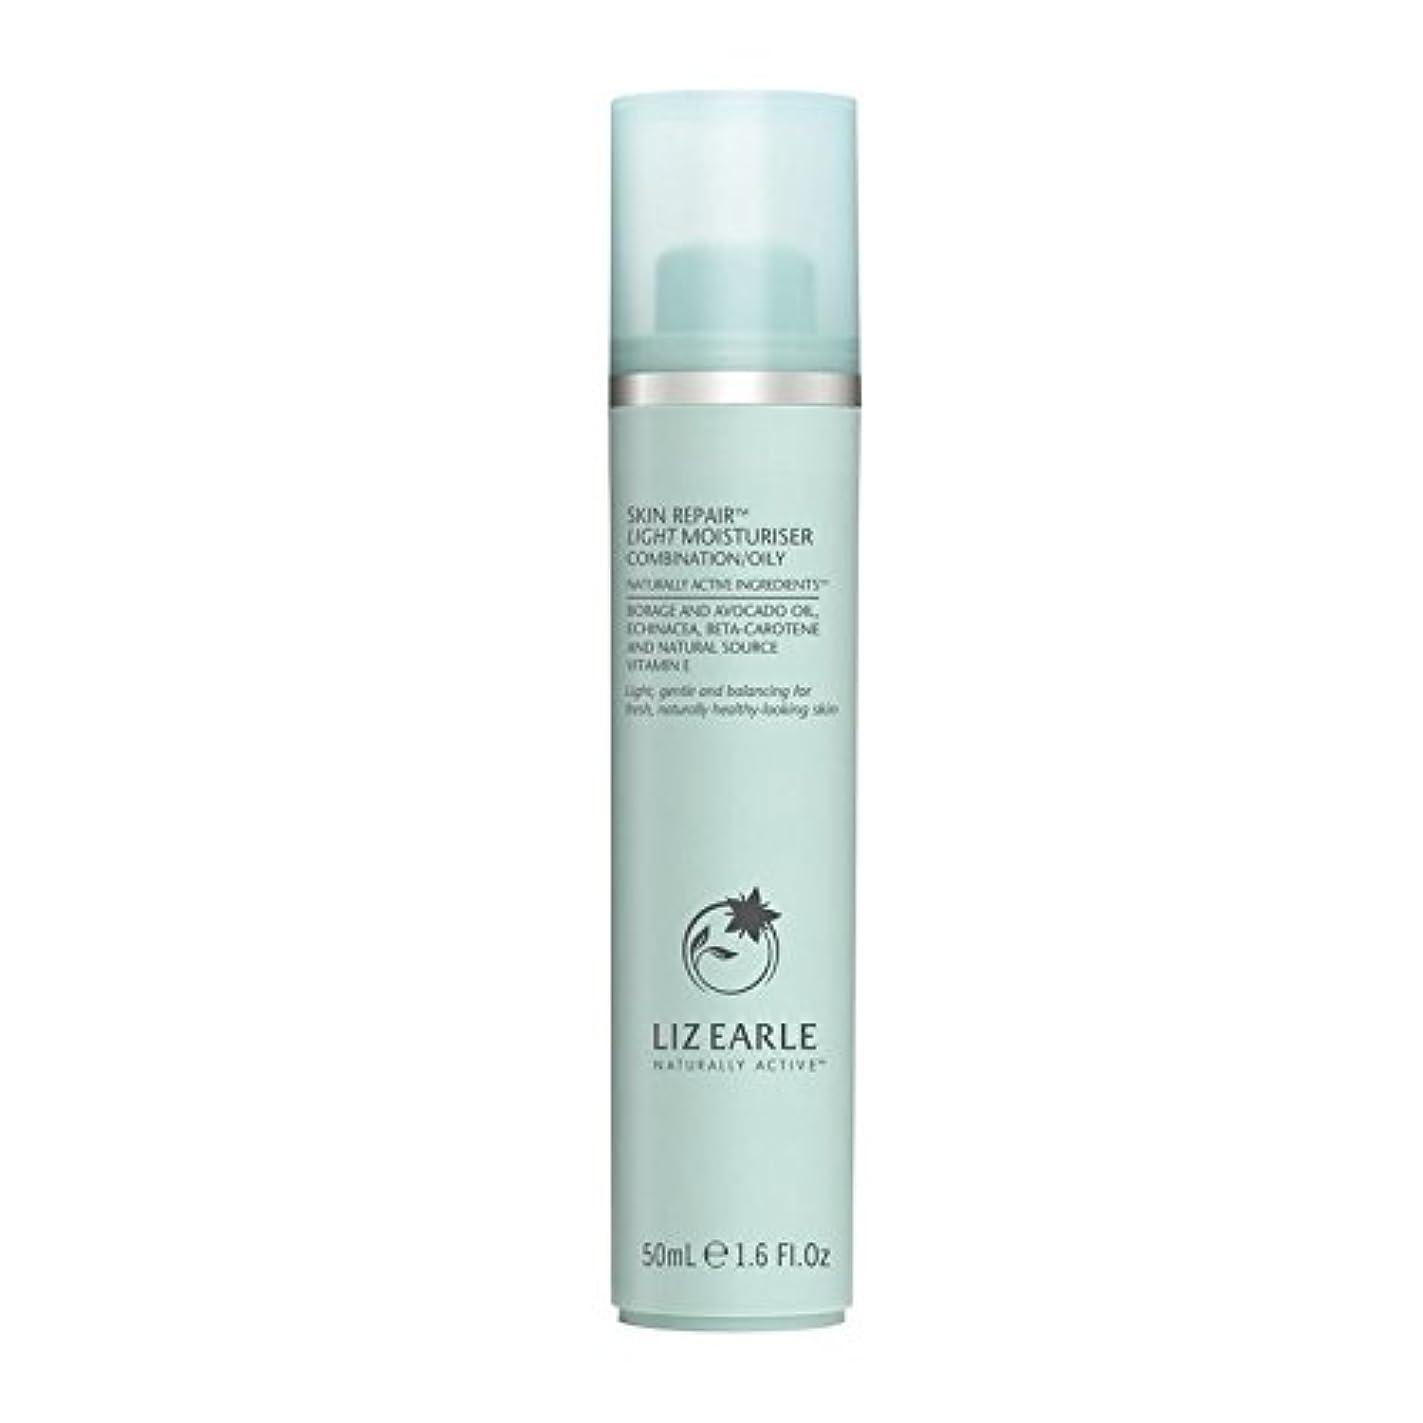 古代負荷正確さリズアールスキンリペア光の保湿剤の組み合わせ/油性50ミリリットル x2 - Liz Earle Skin Repair Light Moisturiser Combination/Oily 50ml (Pack of...